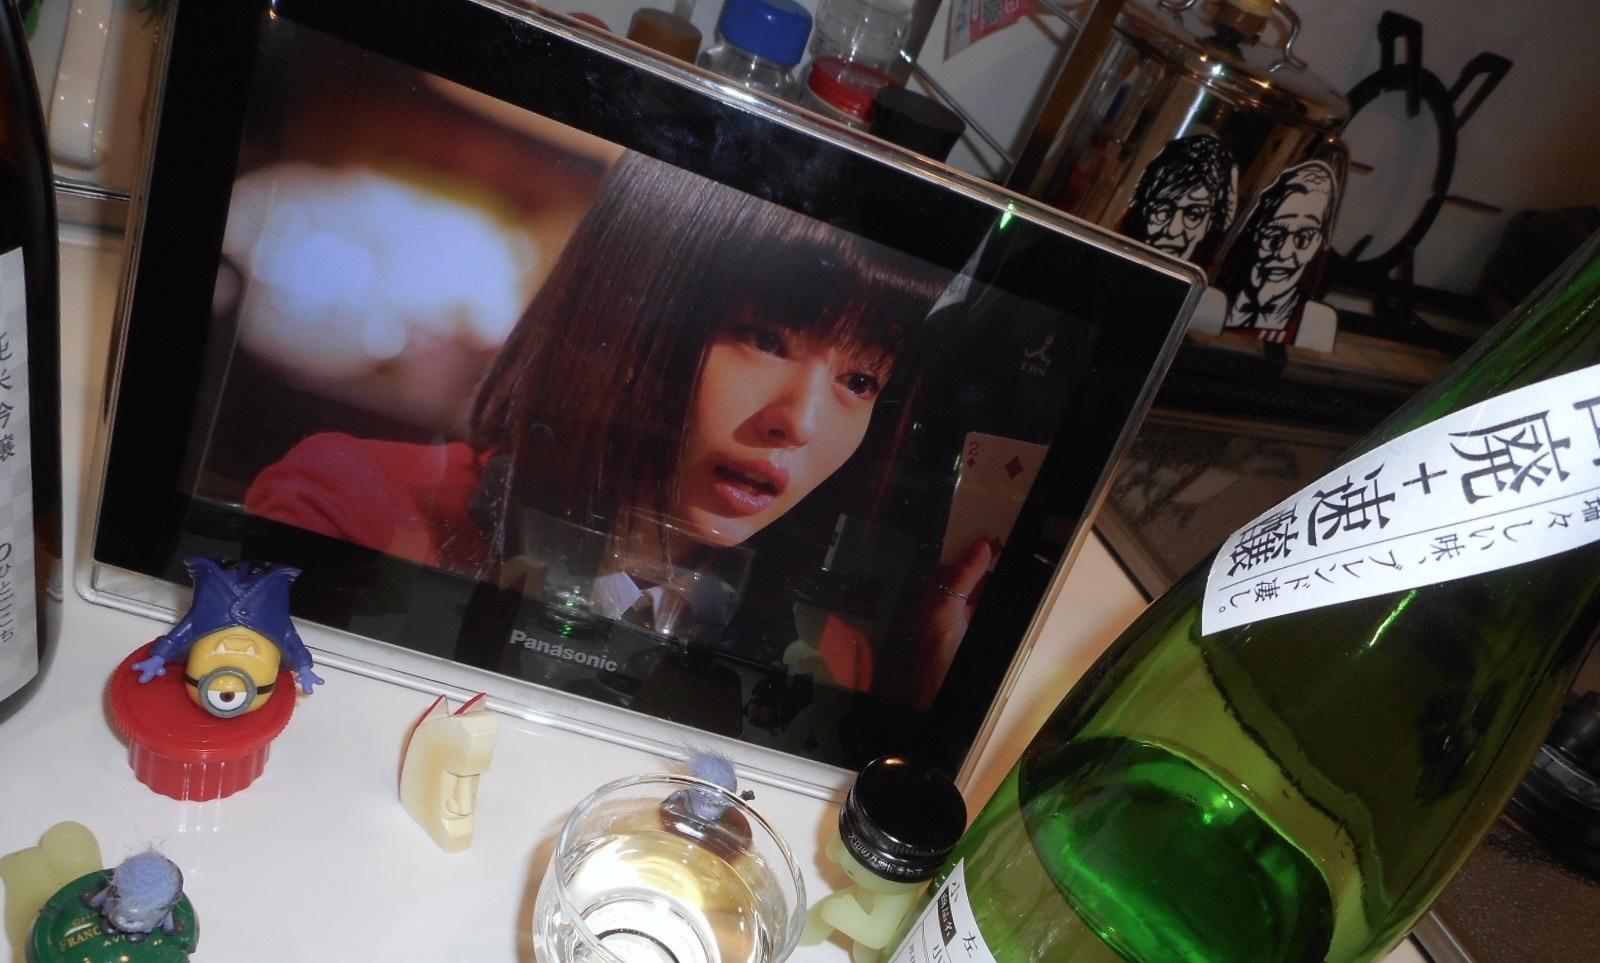 kozaemon_yamajou28by6.jpg